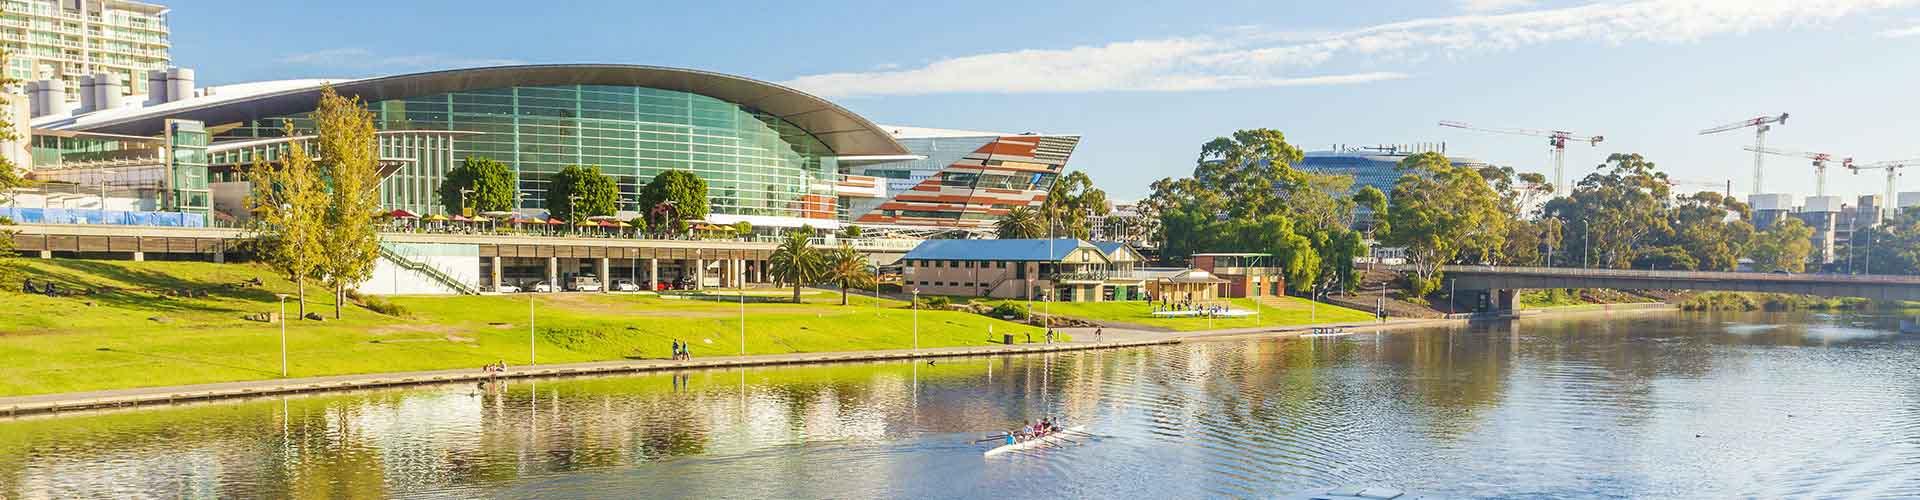 Adelaide - Ifjúsági Szállások Adelaide. Adelaide térképek, fotók és ajánlások minden egyes Ifjúsági Szállások: Adelaide.